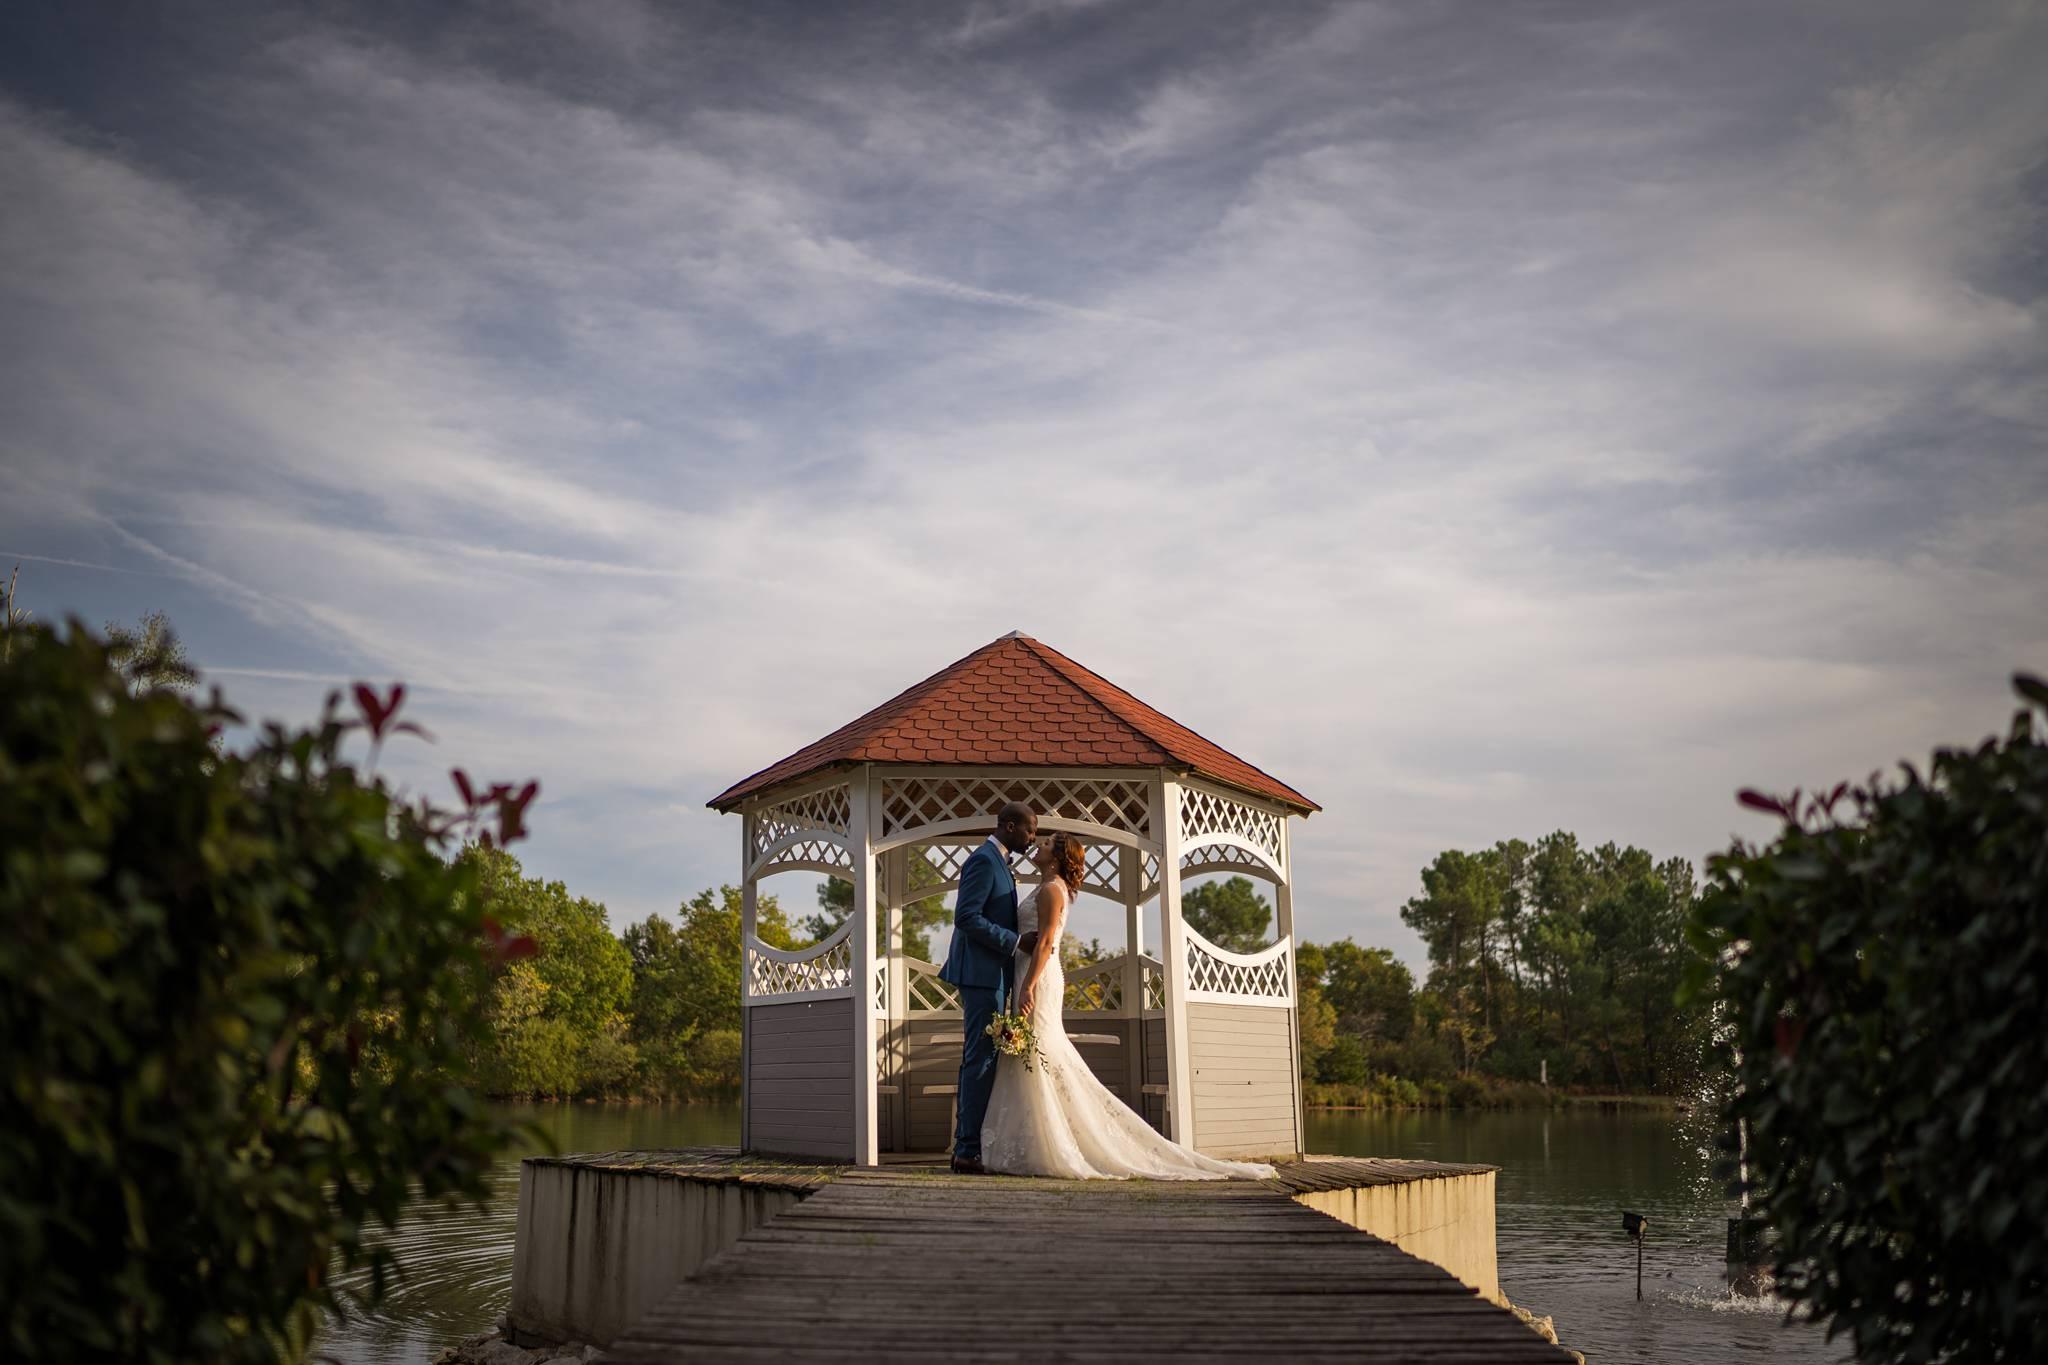 Le reportage photo du mariage de Kenza et Donald, entre France, Centrafrique et Maroc. Préparatifs au Chateau du Tertre et réception au Domaine de Cordet.